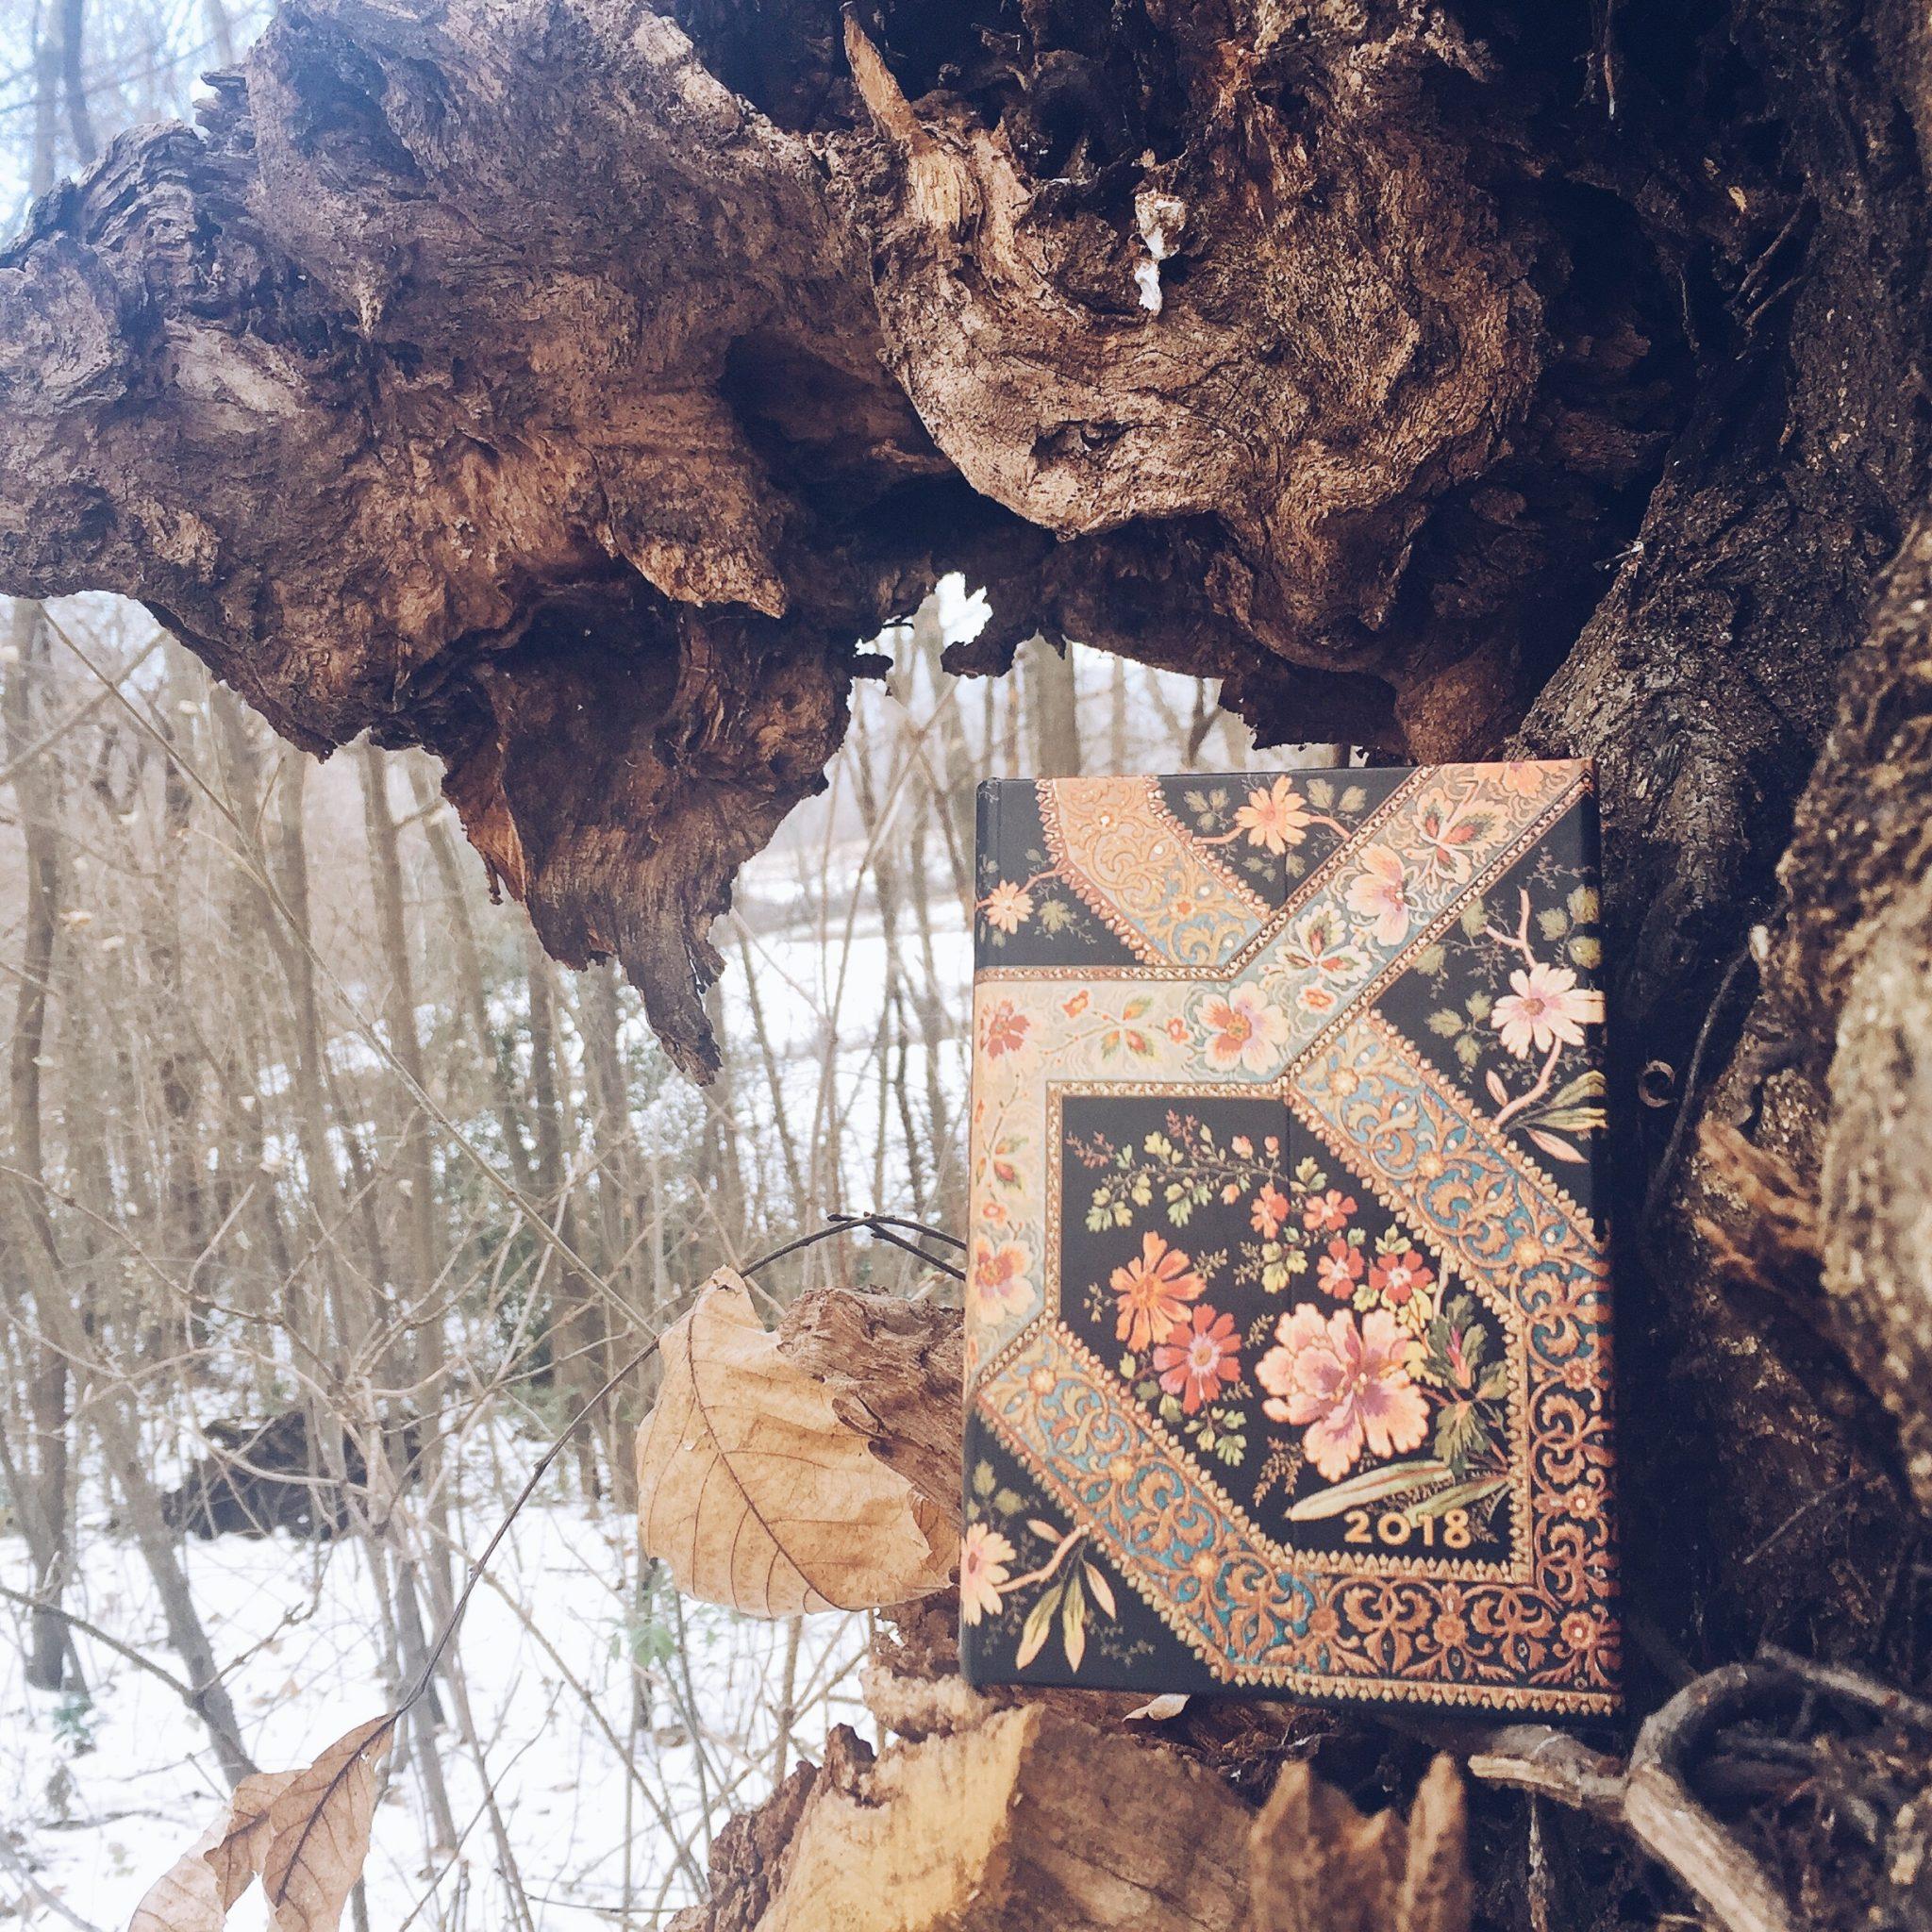 tenere un diario: una buona abitudine di crescita personale - foto di tatianaberlaffa.com